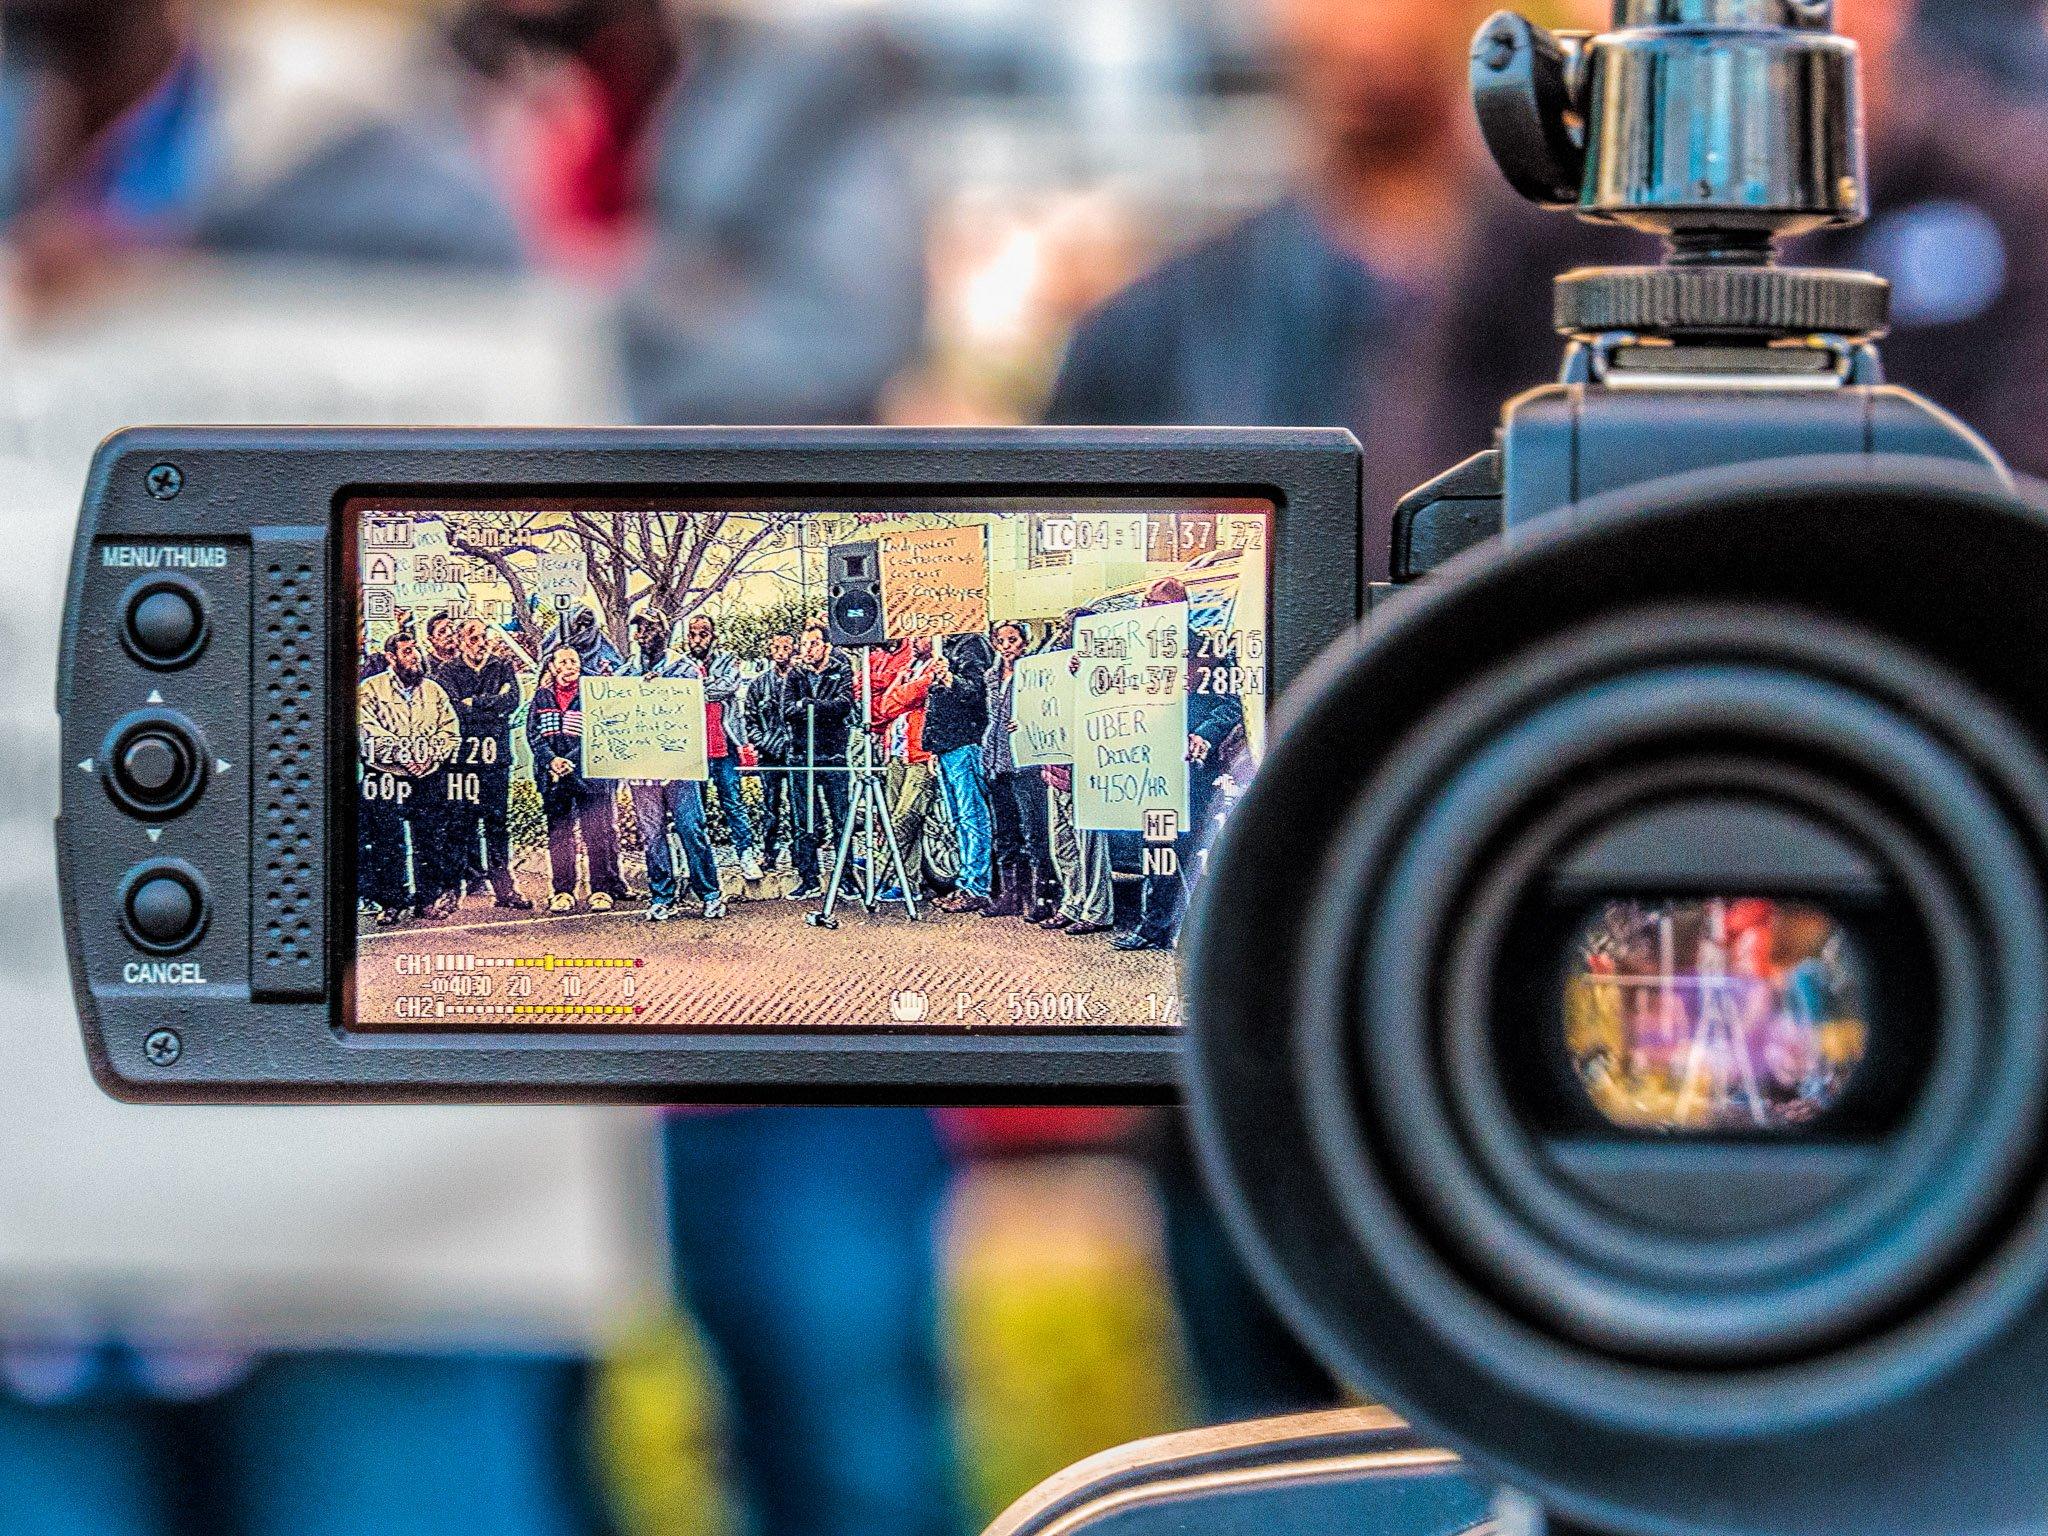 Camera Protest